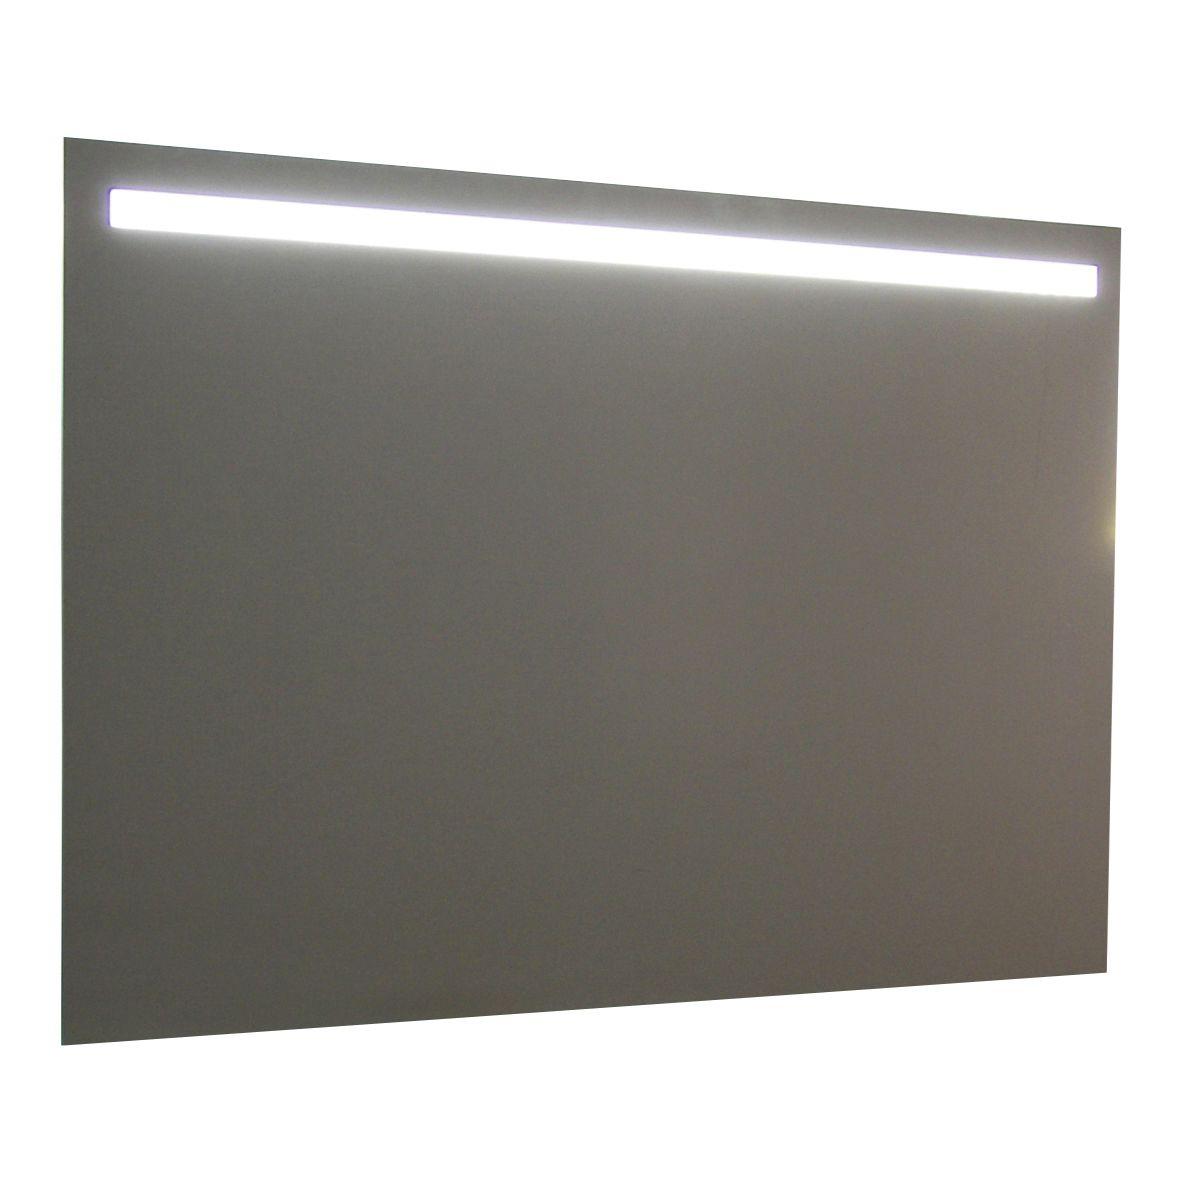 Bagno Specchio Retroilluminato Bigled 100 X 70 Cm 35615090